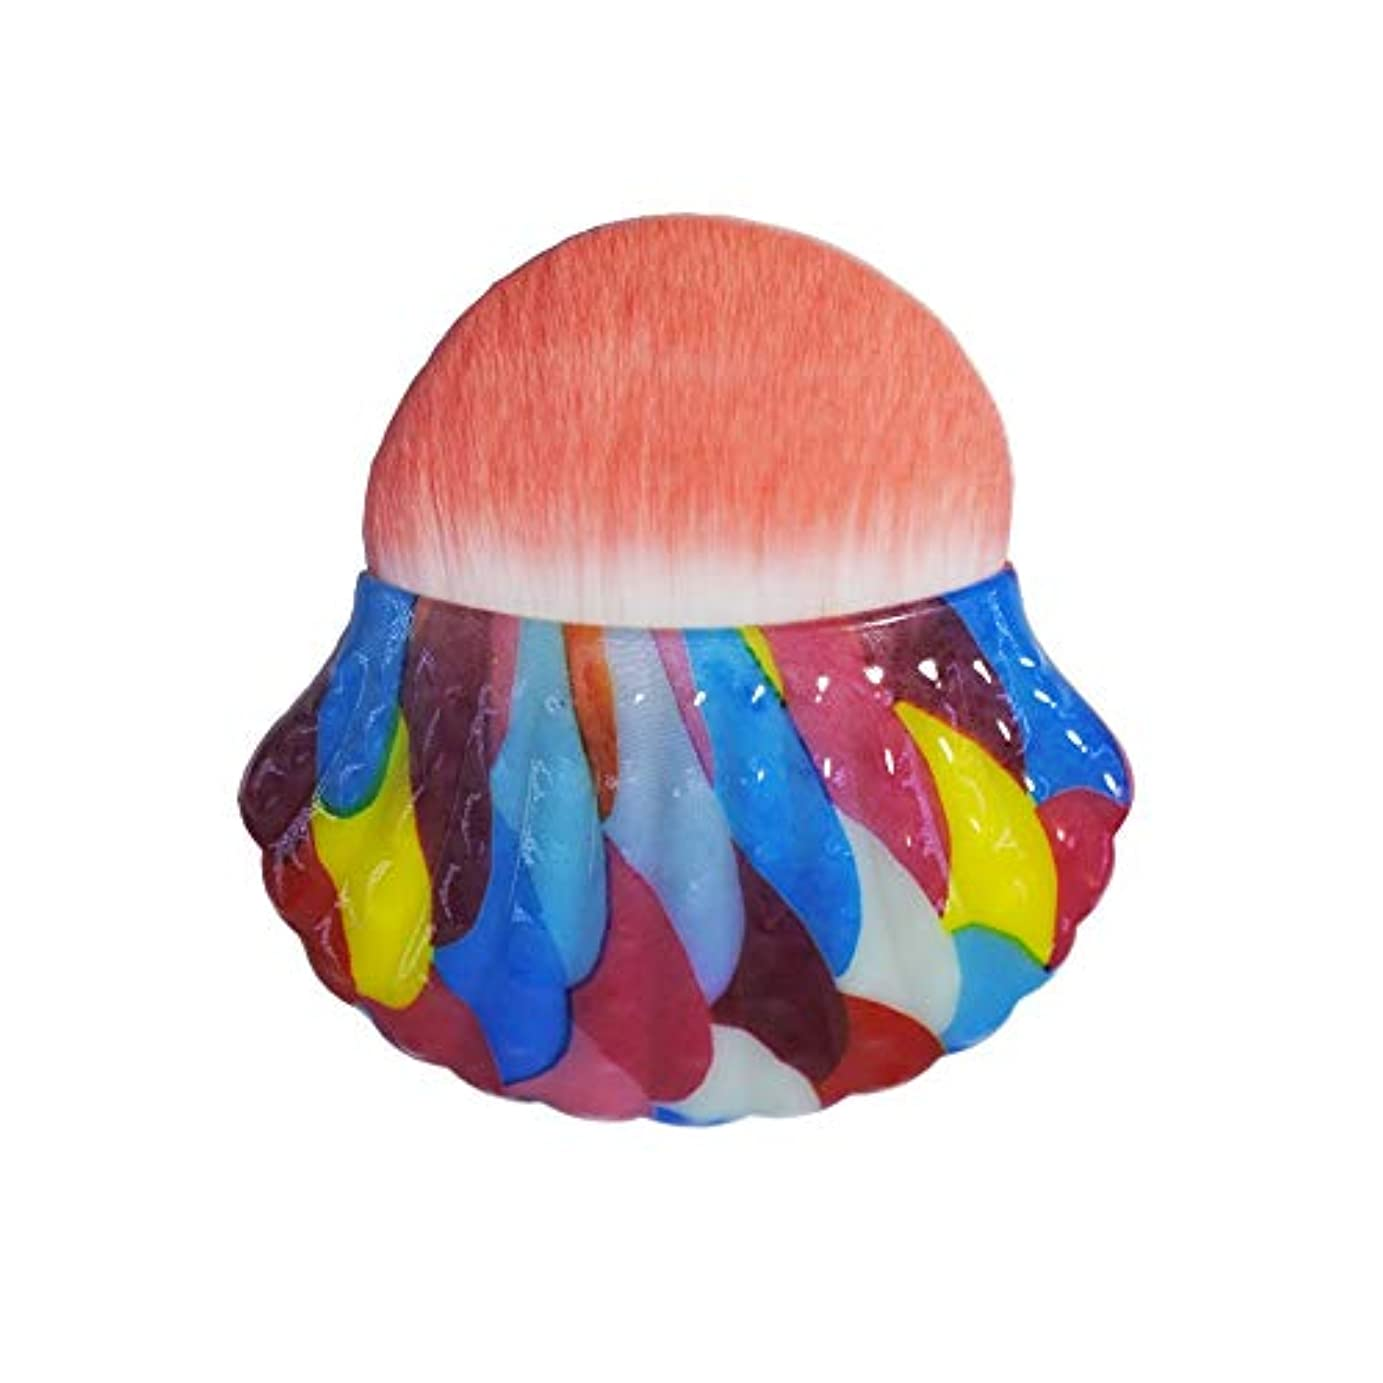 考えた提供された粘着性Makeup brushes 色、独占シェルタイプブラッシュブラシ美容メイクブラシツールポータブル多機能メイクブラシ suits (Color : Rainbow)